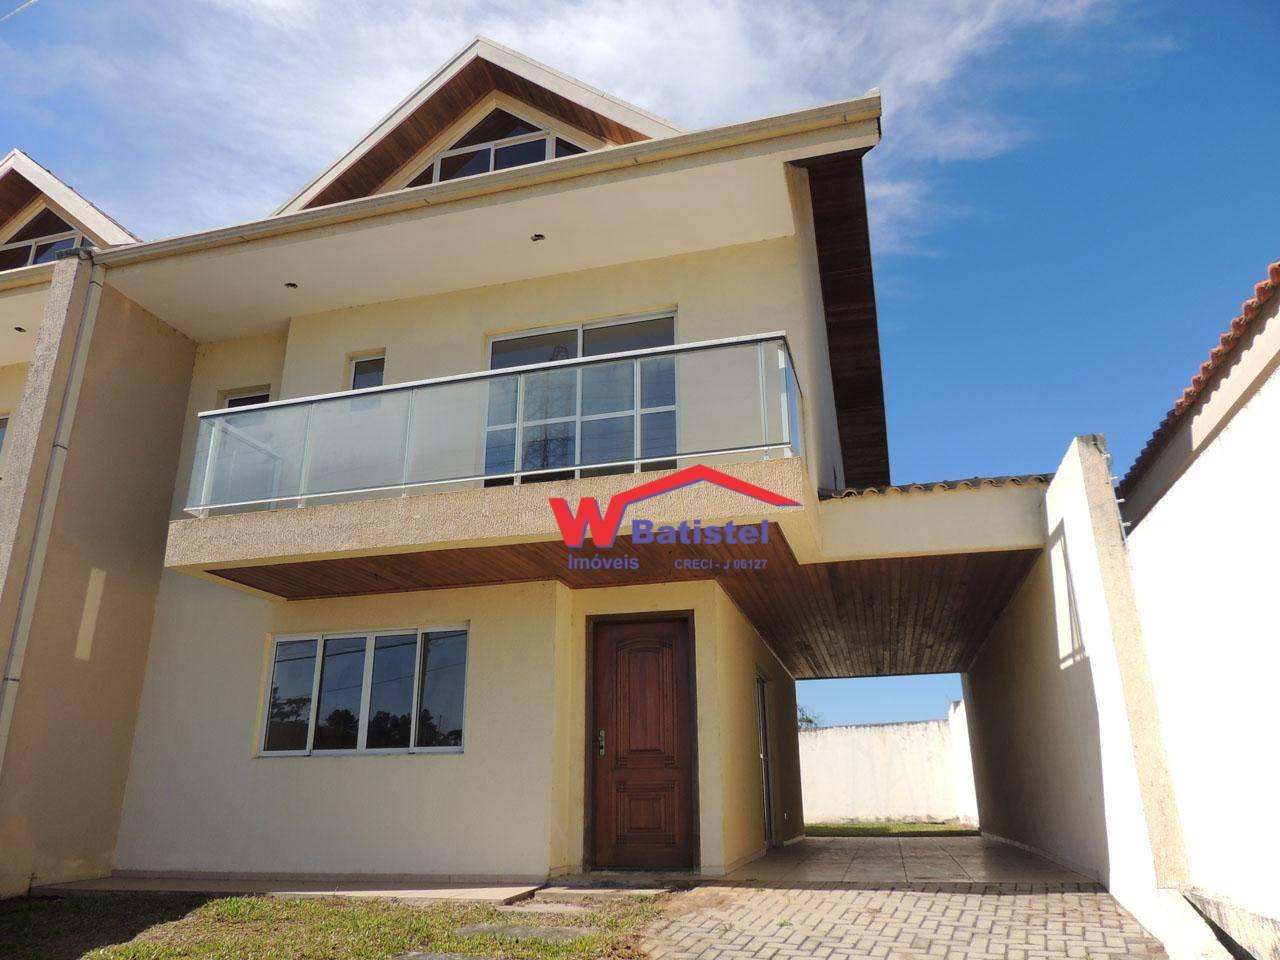 Sobrado com 3 dormitórios à venda, 173 m² por R$ 480.000 - Av. Joana Joana D Arc, 206 - Tanguá - Almirante Tamandaré/PR